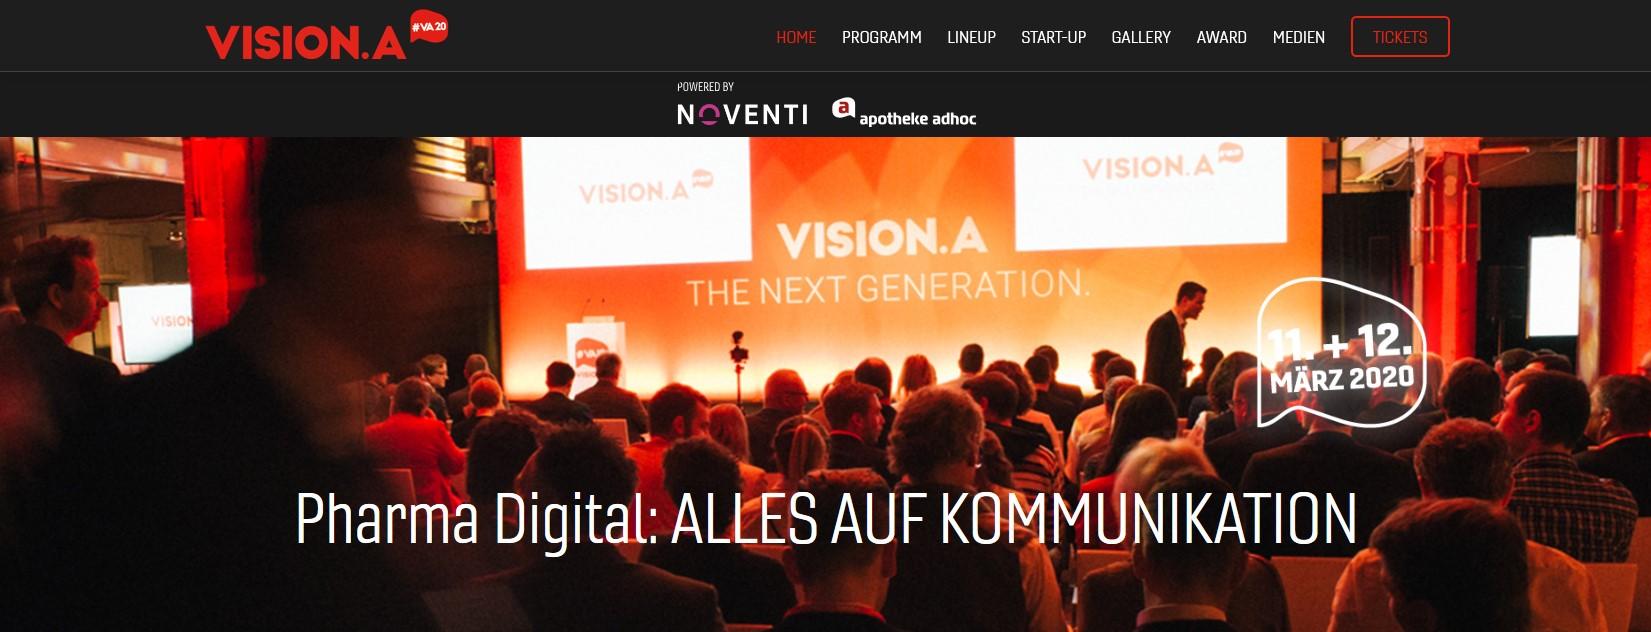 VISION.A – Keynote bei der Digitalkonferenz der Pharma- und Gesundheitsbranche